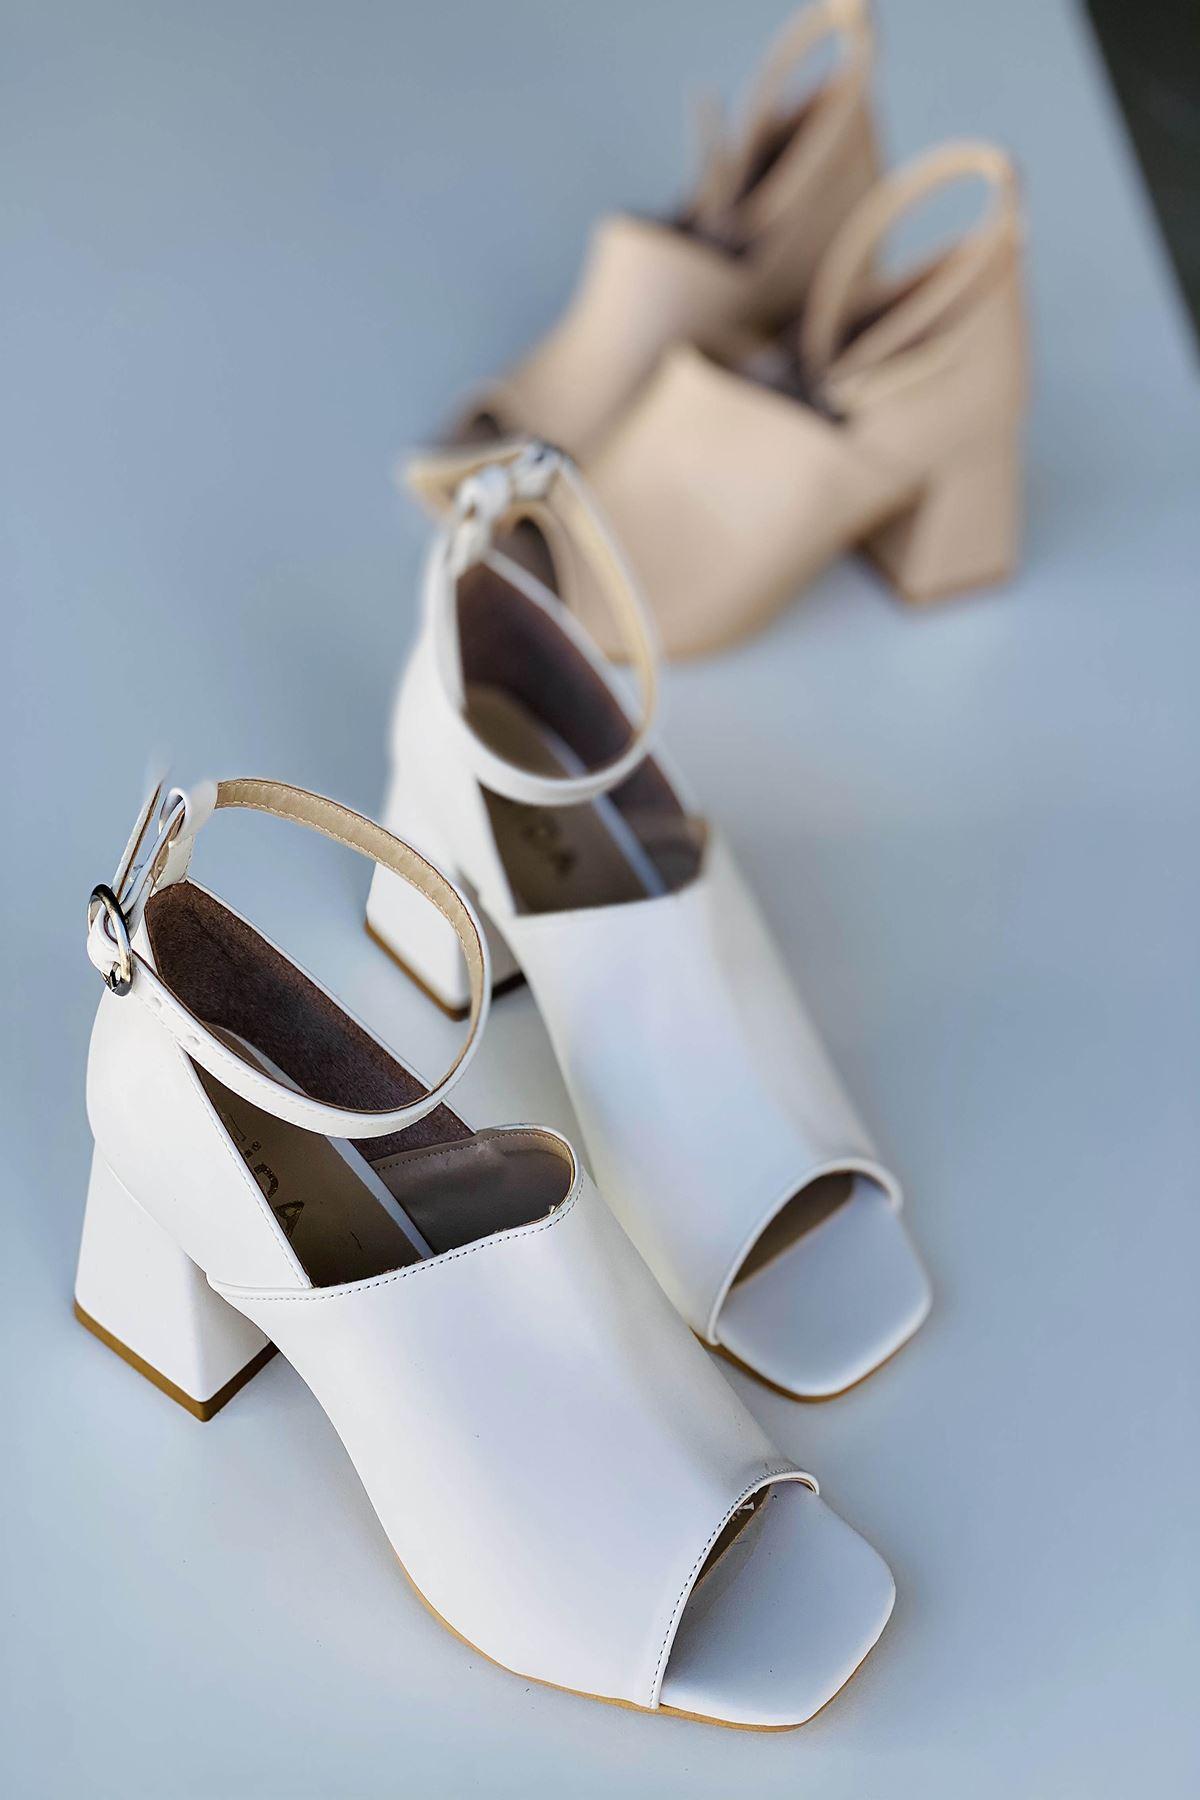 Y706 Beyaz Deri Topuklu Ayakkabı